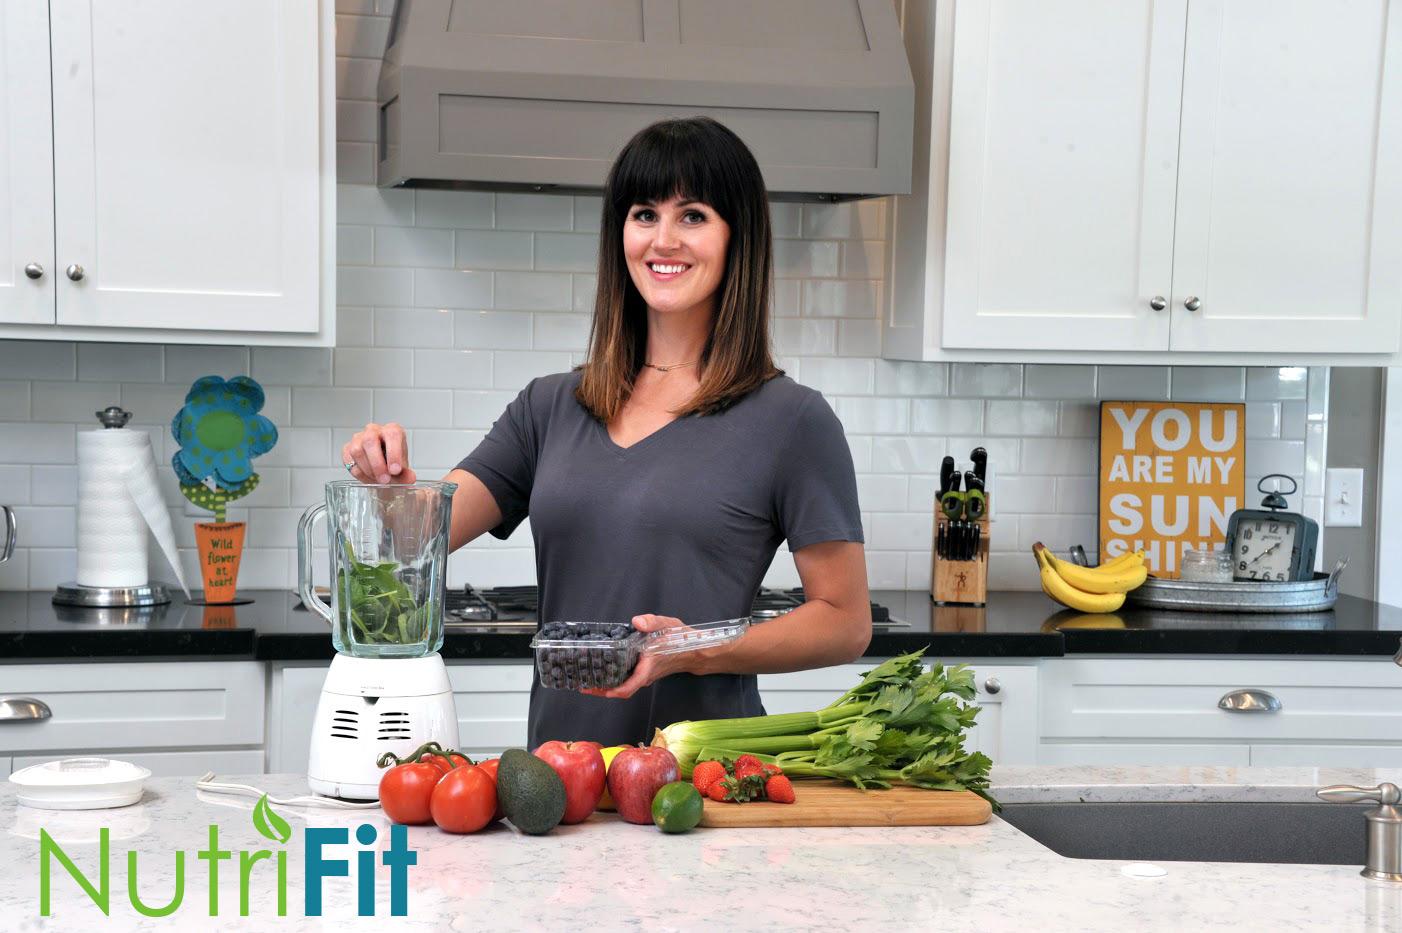 LF_Janel-nutrition-2.jpg